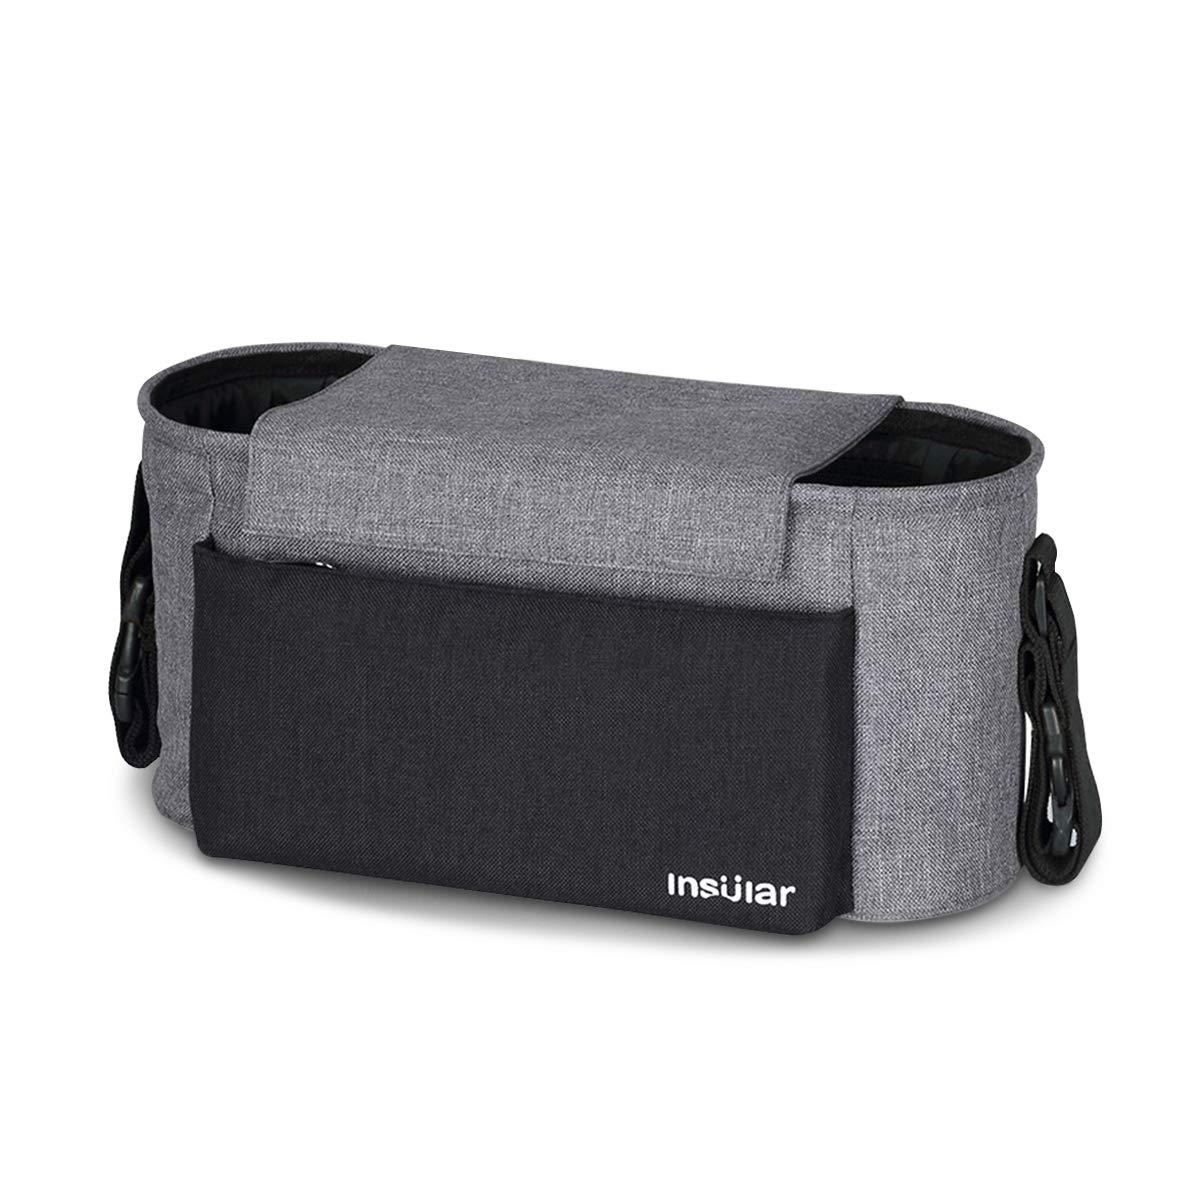 SONARIN Waterproof Bolsa Organizadora para Cochecito de Bebé Changing Bag,Bolso de mano,Capacidad Grande para el iPhone, pañales y accesorios,100% GARANTIZADO y ENTREGA GRATUITA, Ideal Regalo(Azul)